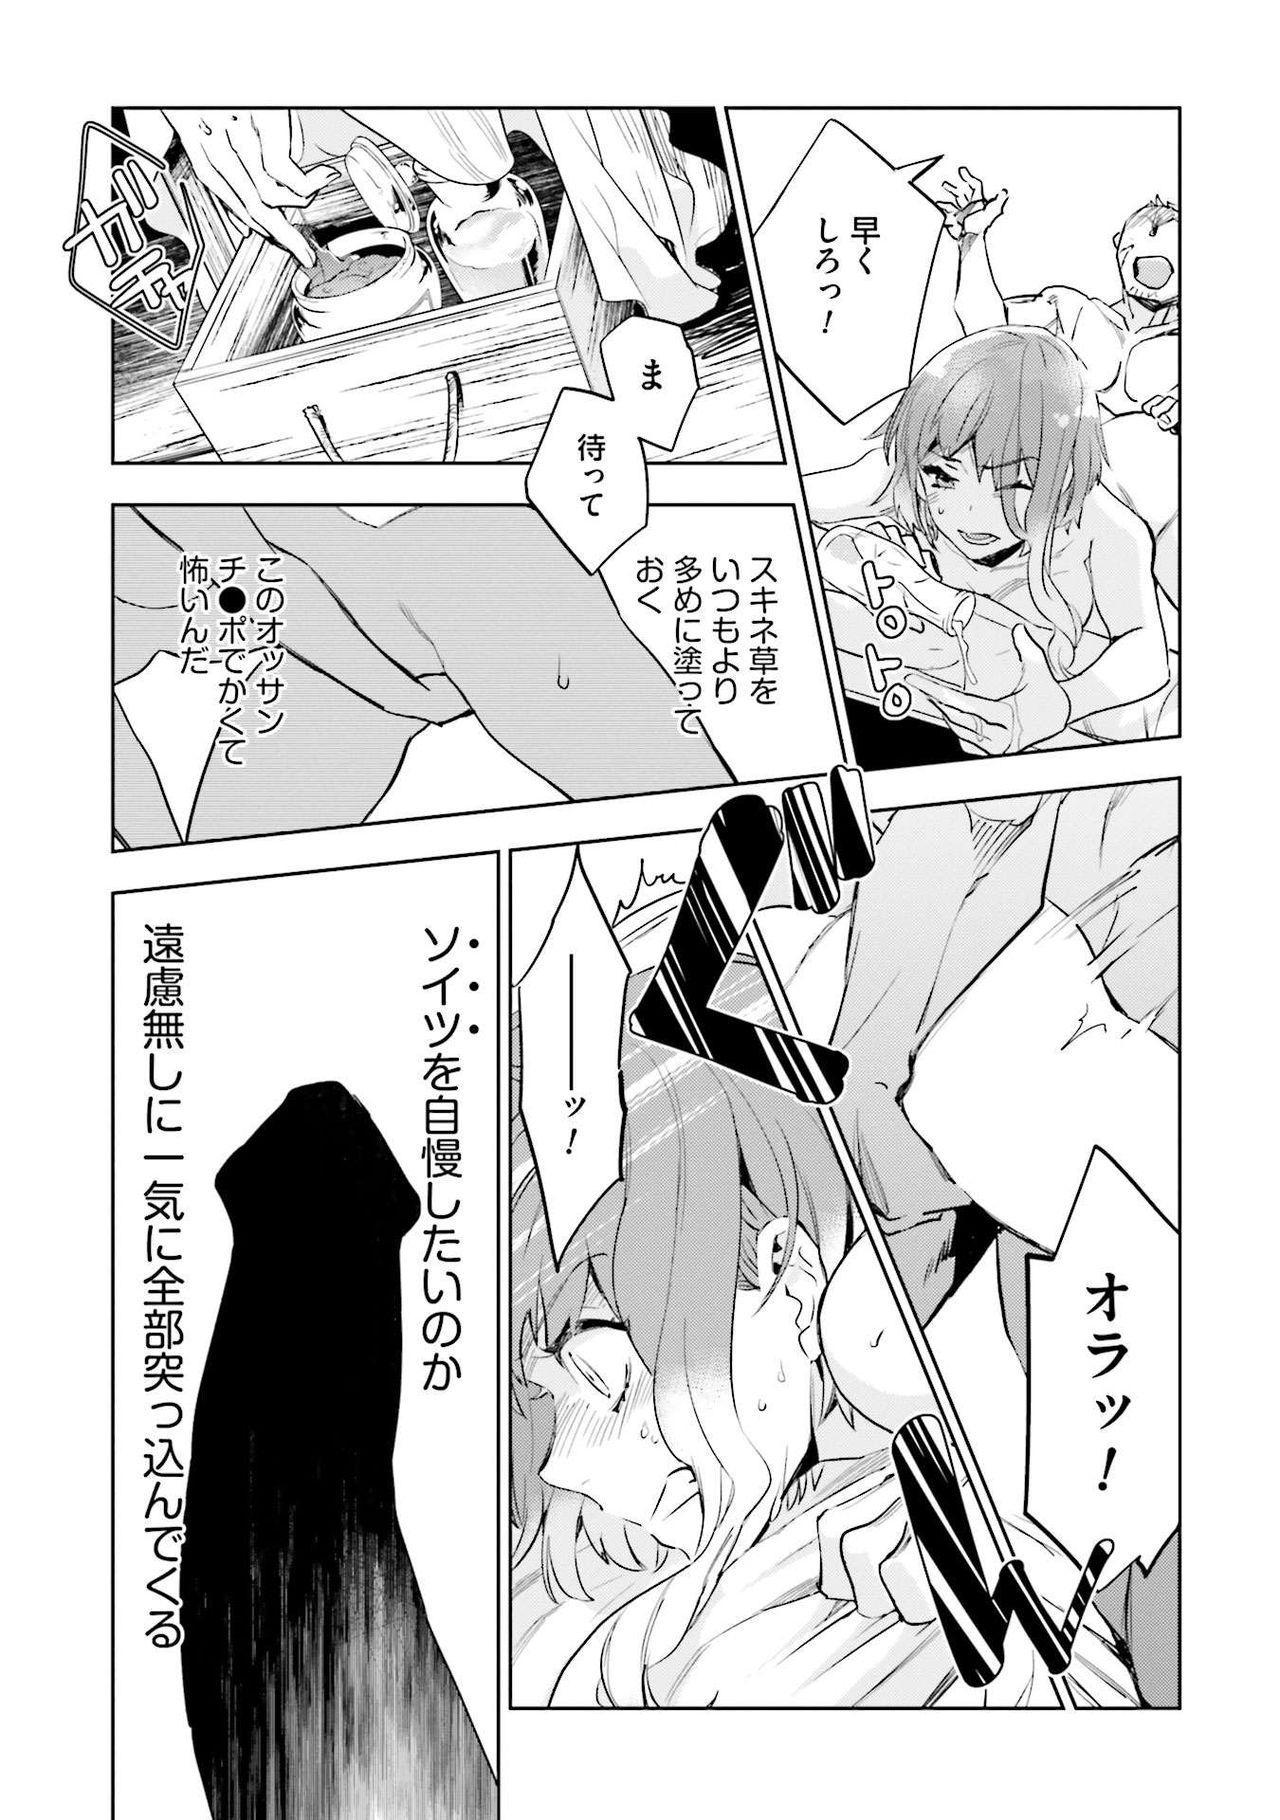 JK Haru wa Isekai de Shoufu ni Natta 1-14 78